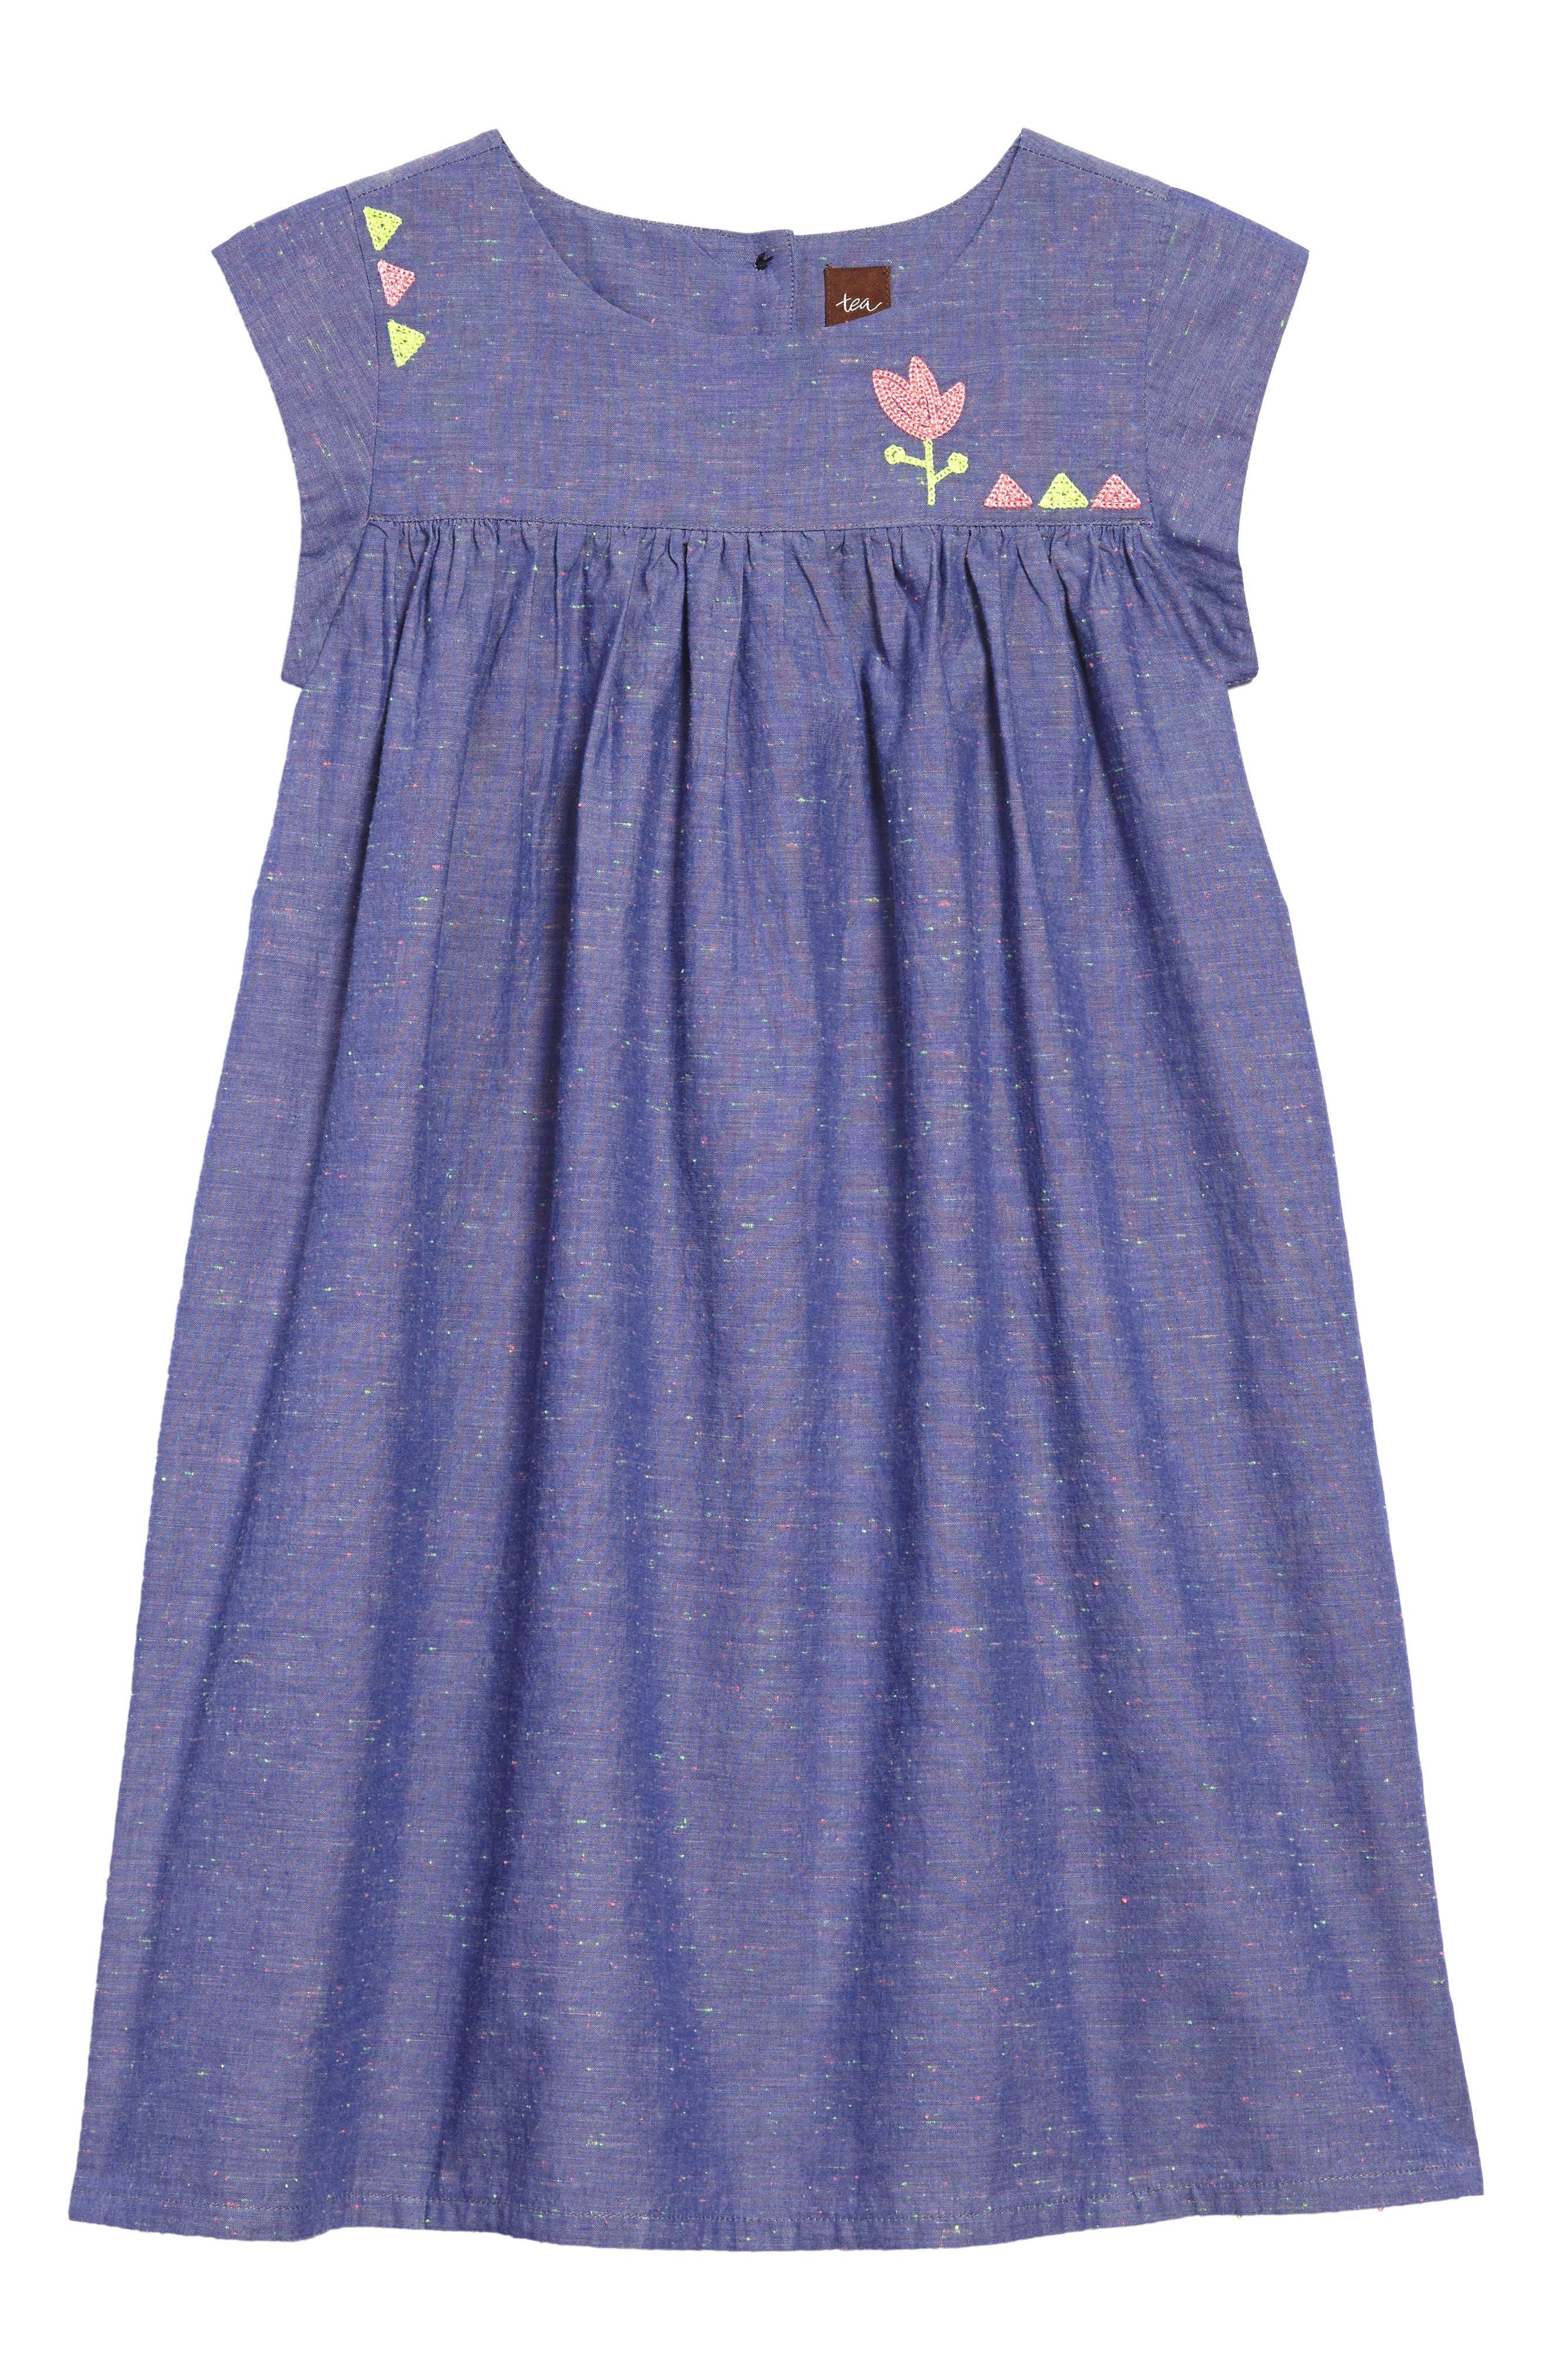 Nep Chambray Dress,                             Main thumbnail 1, color,